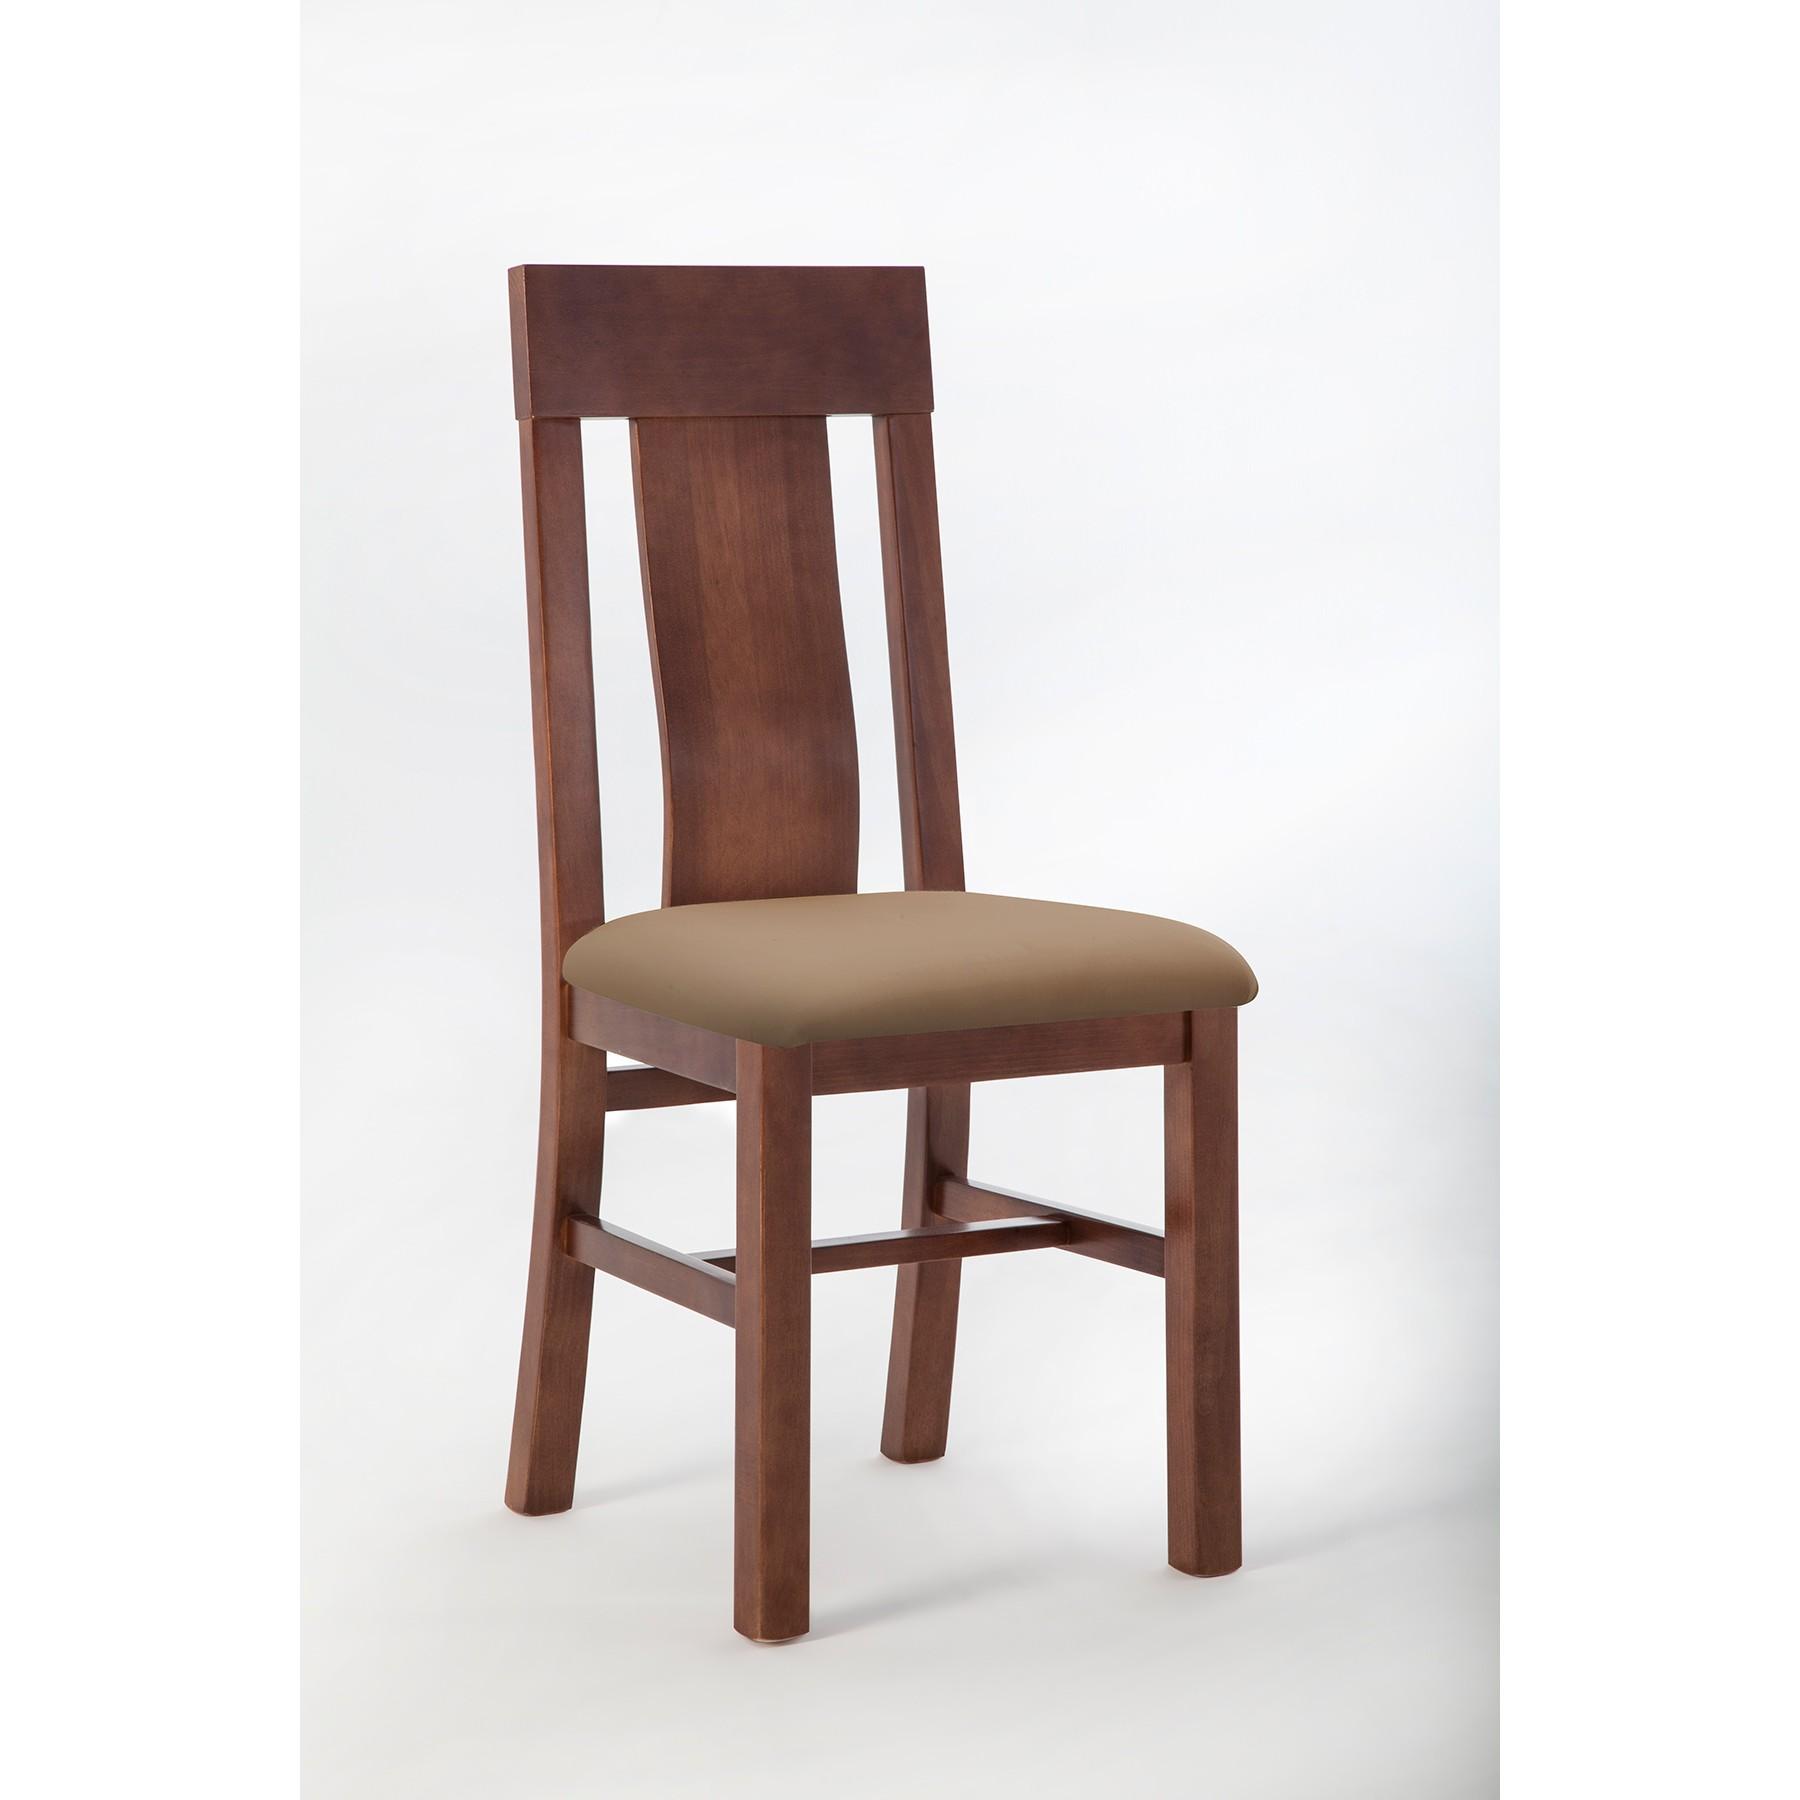 modelos de sillas de comedor modernas great gran variedad